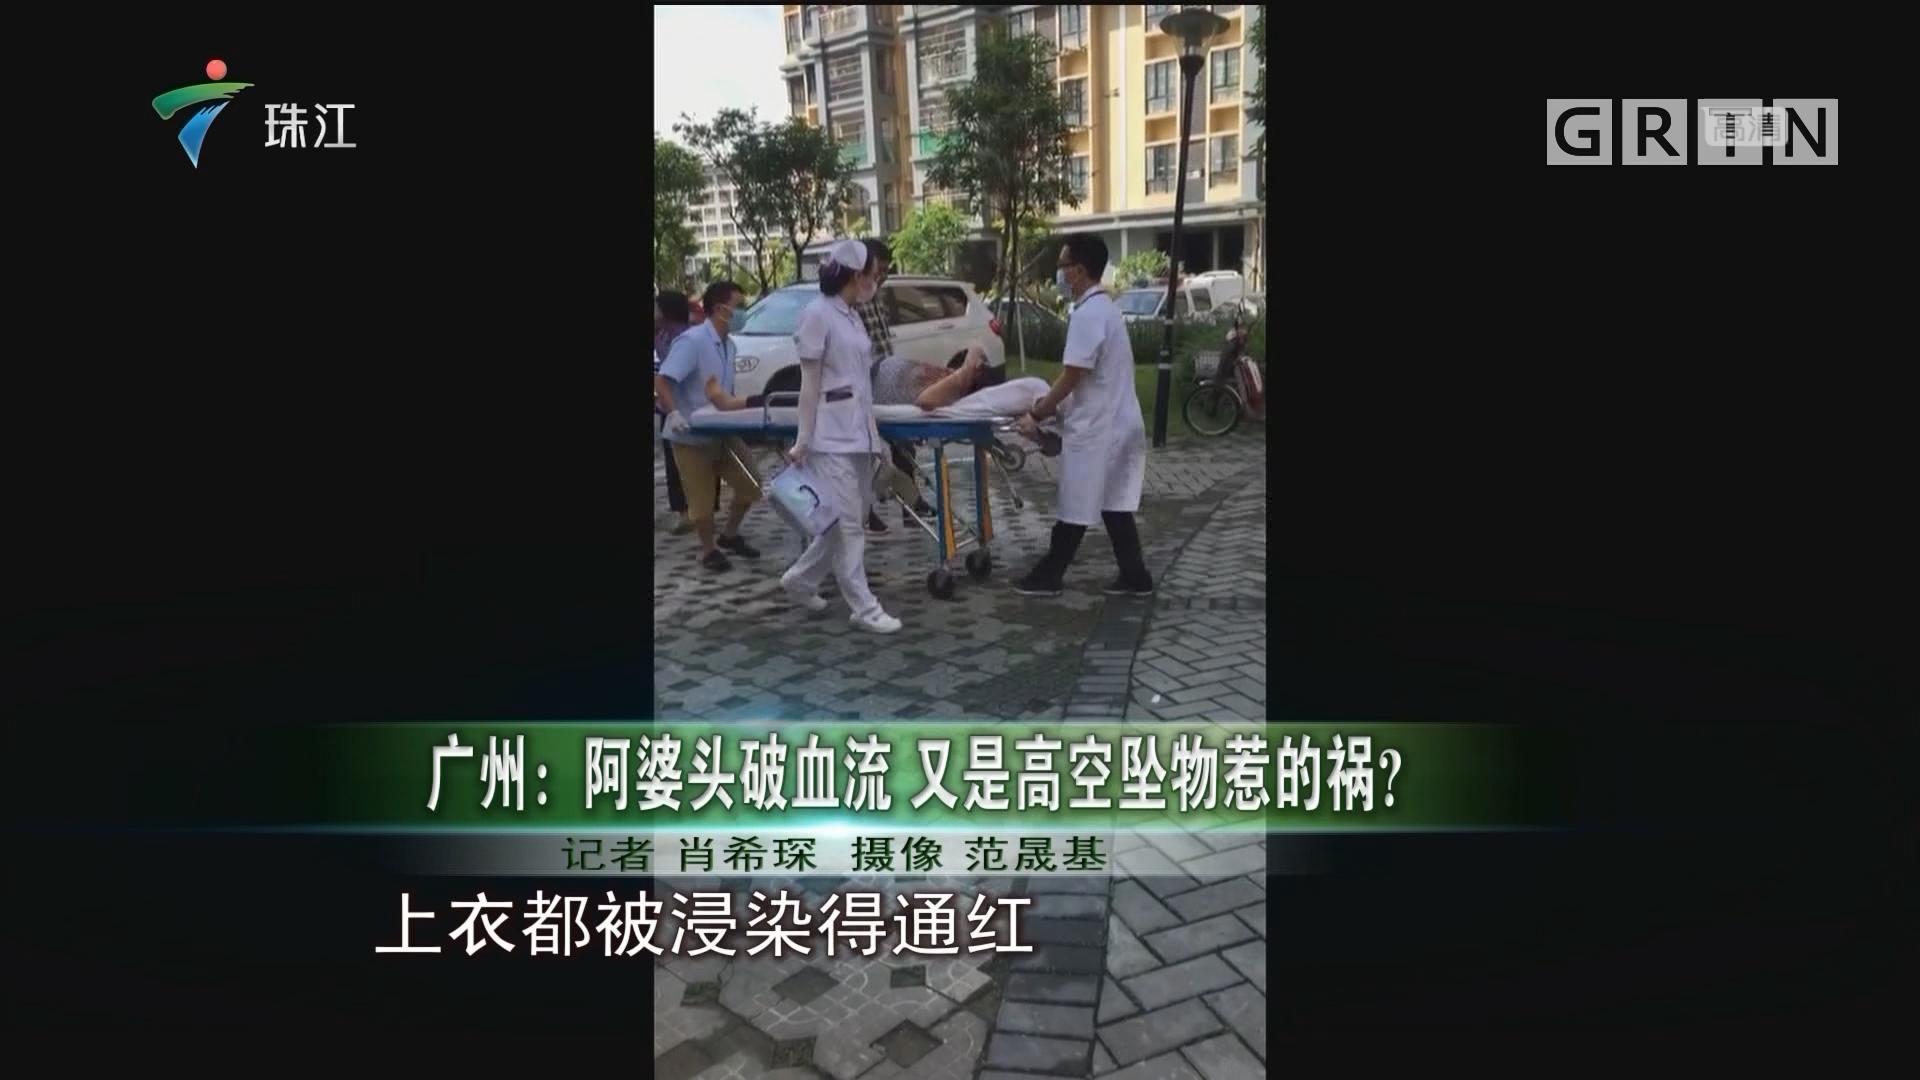 广州:阿婆头破血流 又是高空坠物惹的祸?